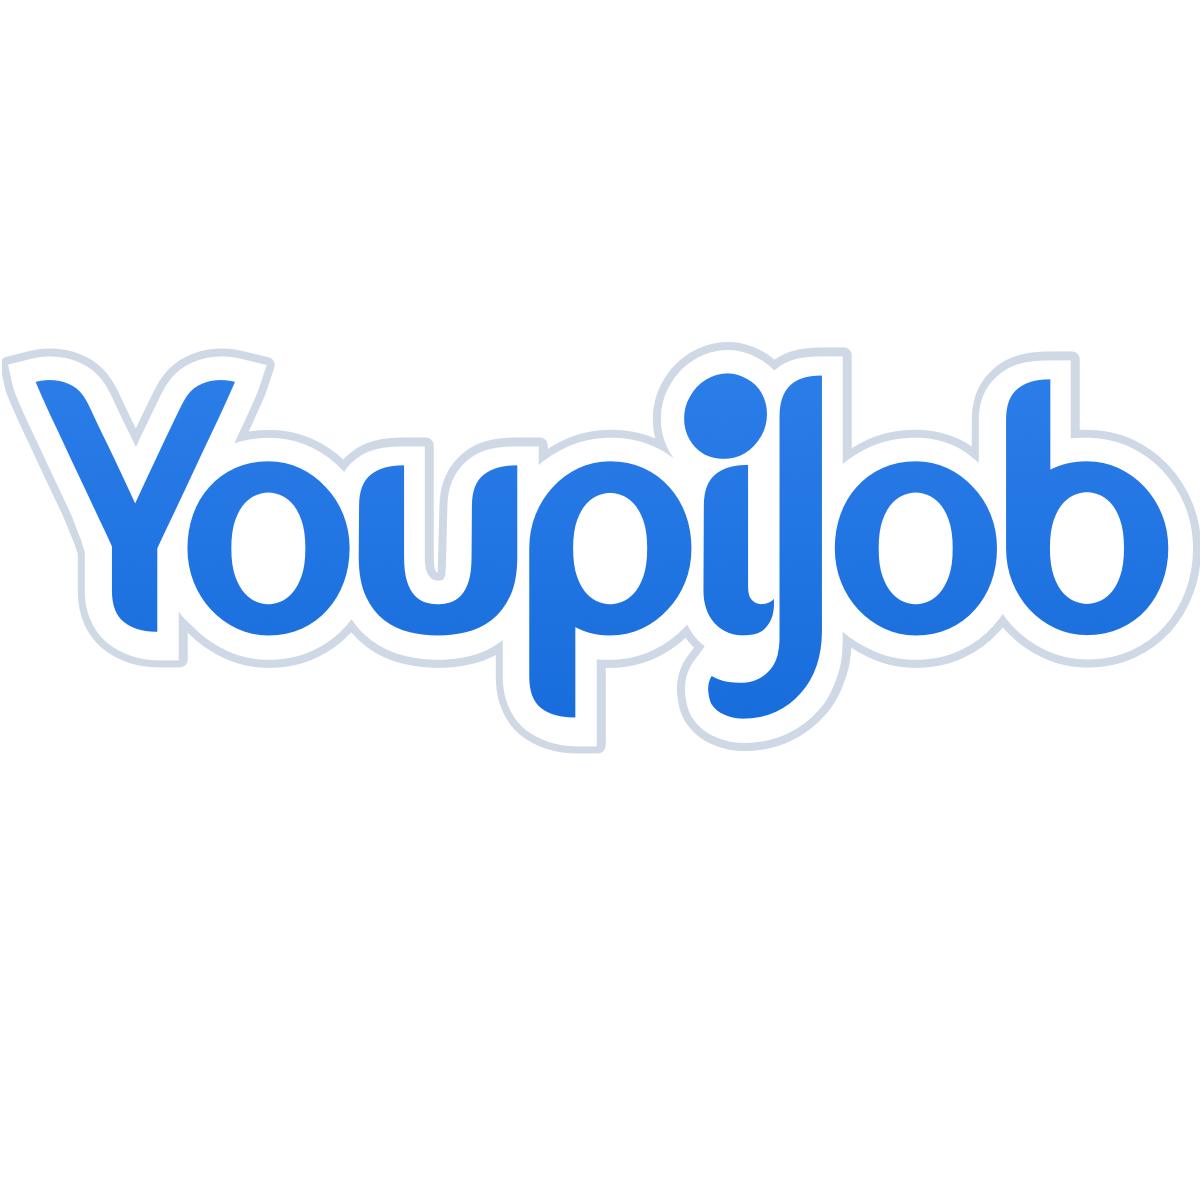 Devenez jobbeur en domotique avec YoupiJob et Planète domotique